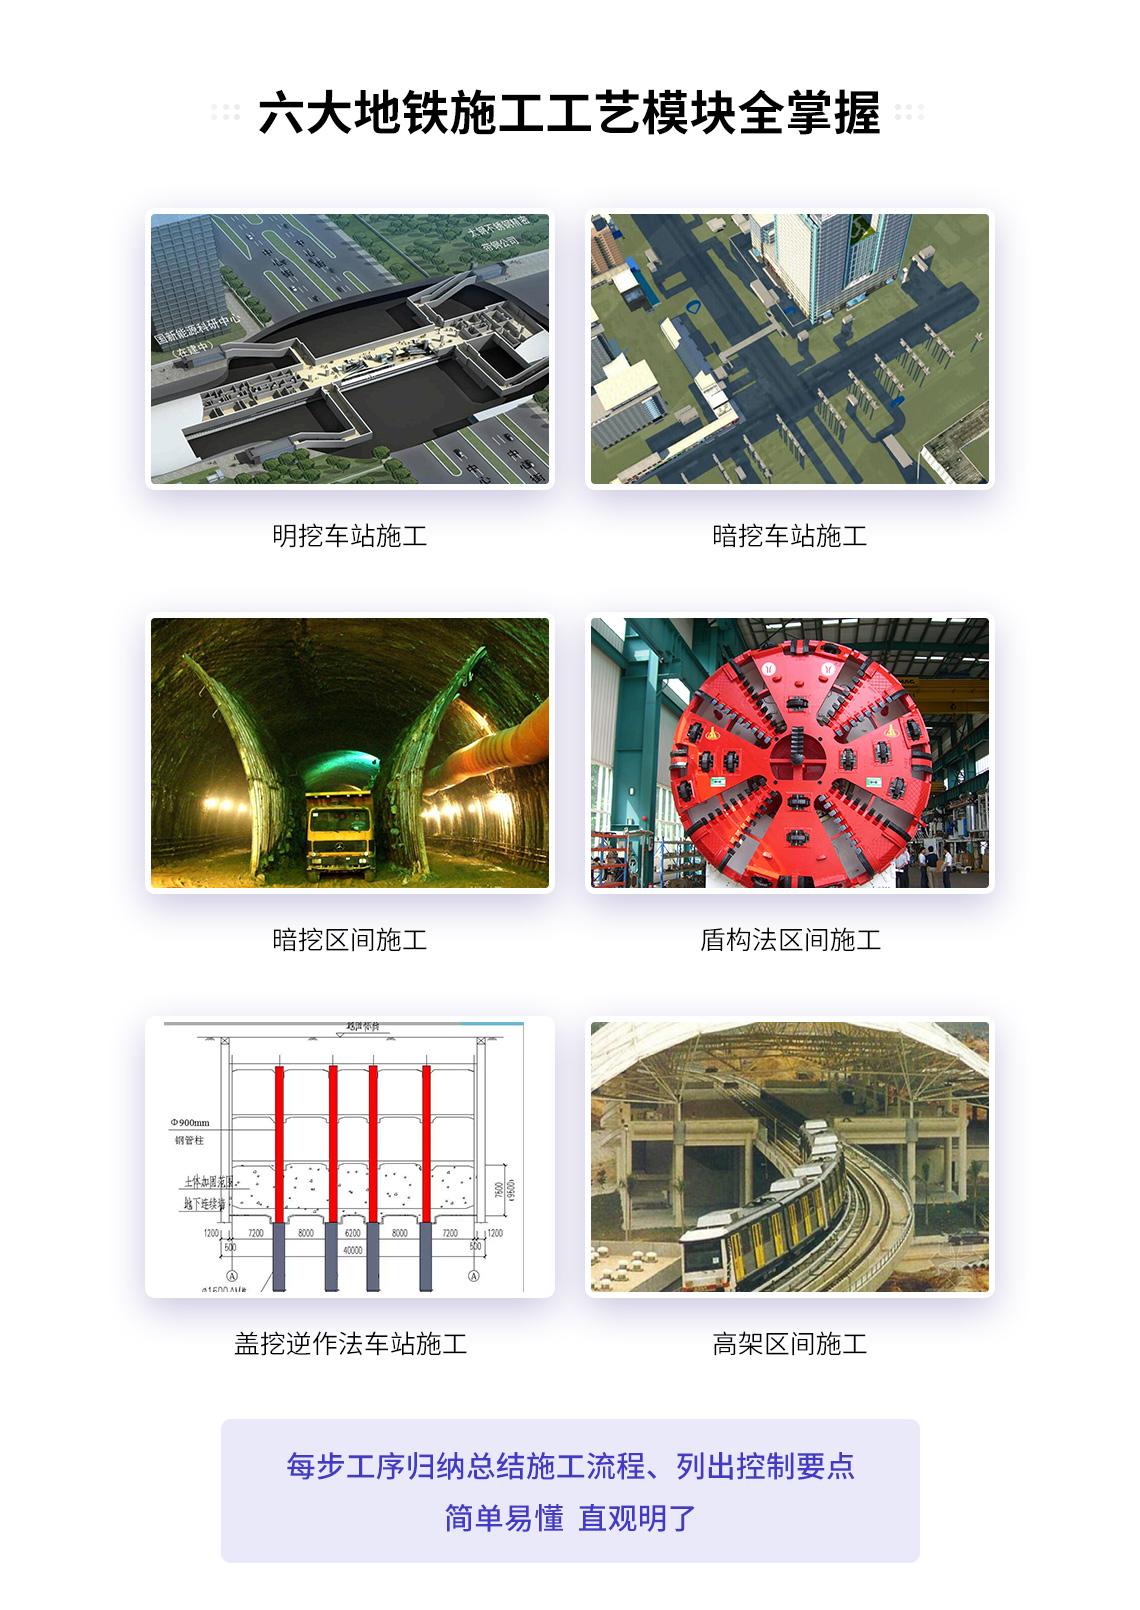 市政地铁主要包括明挖车站施工、暗挖车站施工、暗挖区间施工、盾构法区间施工、盖挖逆作法施工、高架区间施工等施工工艺。